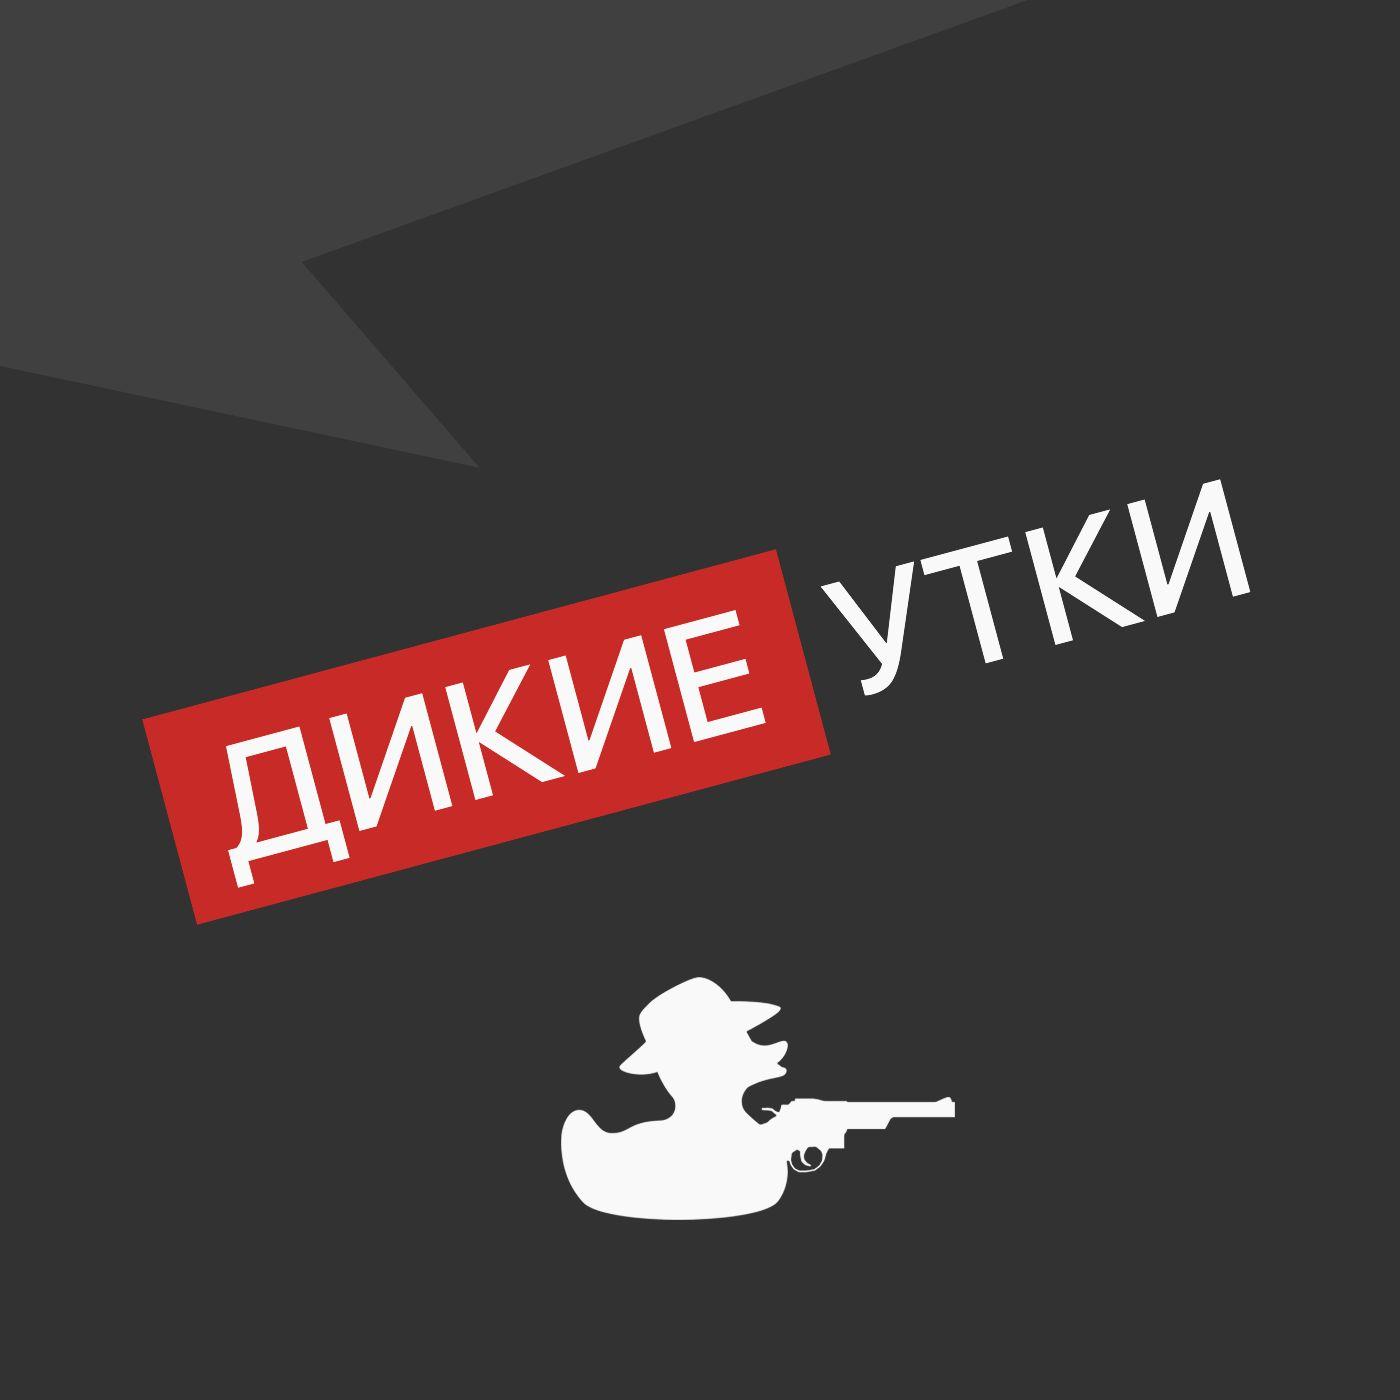 Творческий коллектив Mojomedia Выпуск № 19 творческий коллектив mojomedia владелец квесткомнаты